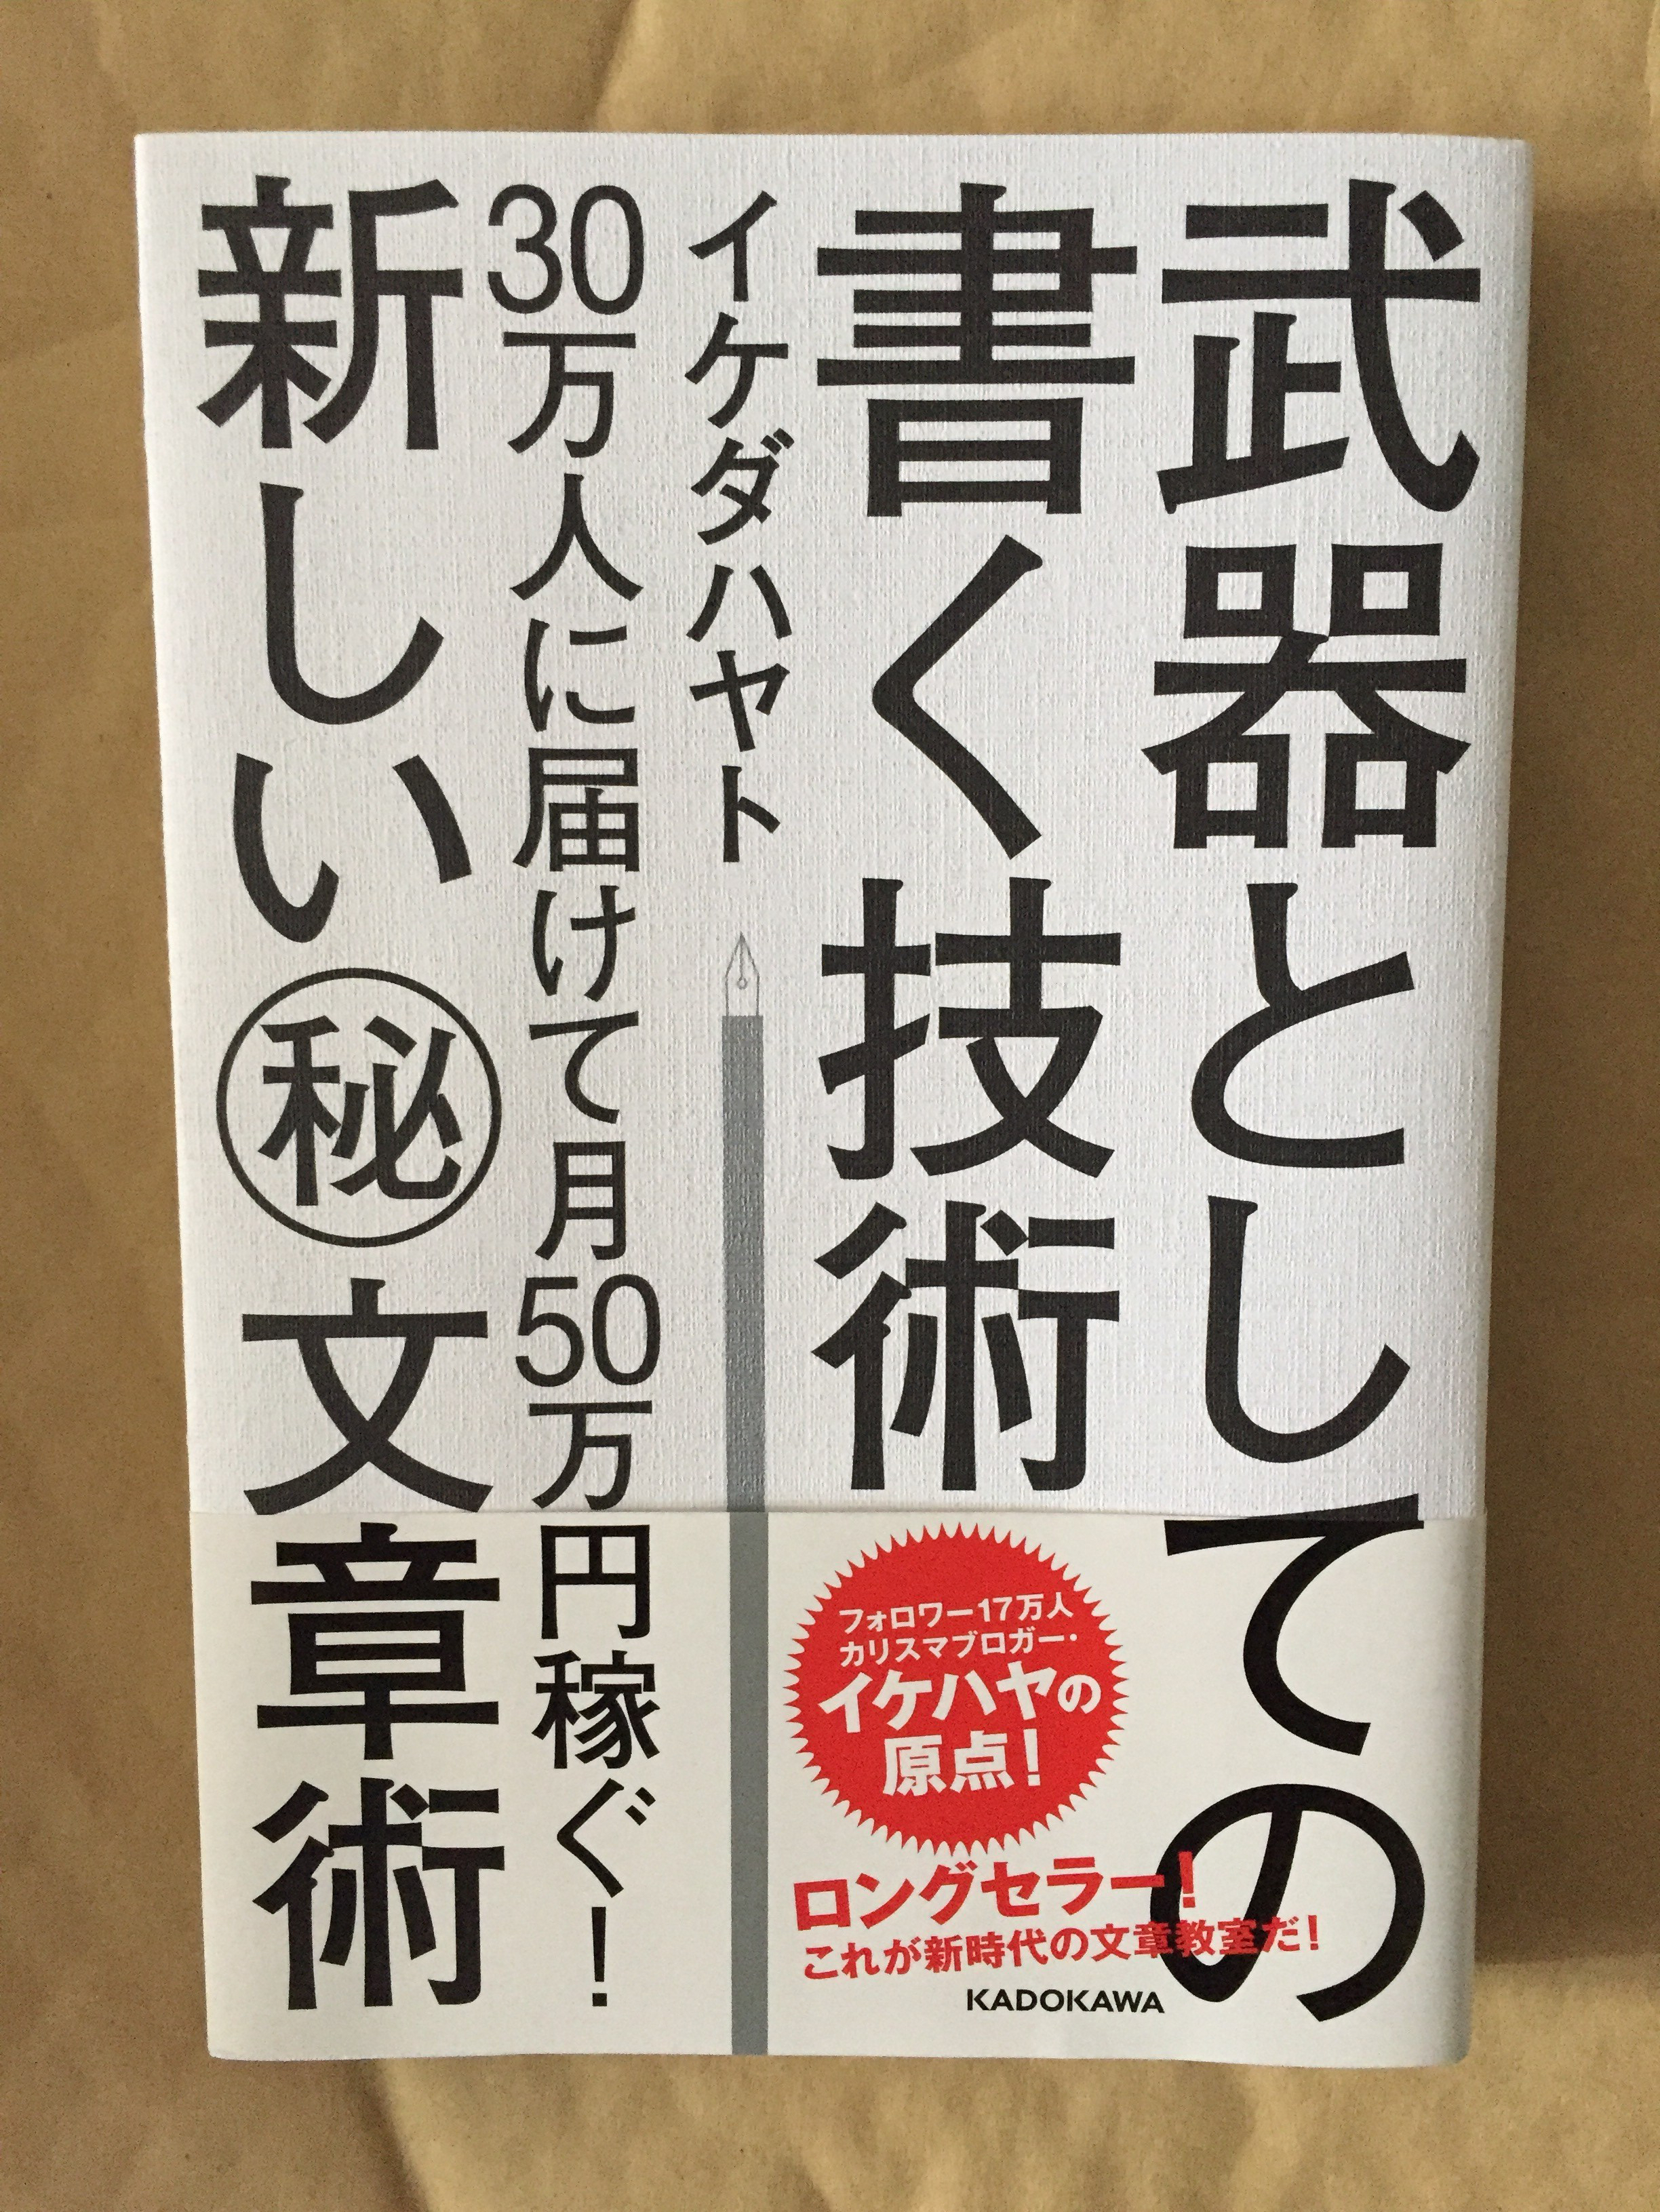 プロブロガーイケダハヤト氏の武器としての書く技術は稼ぐ文章術を学ぶ